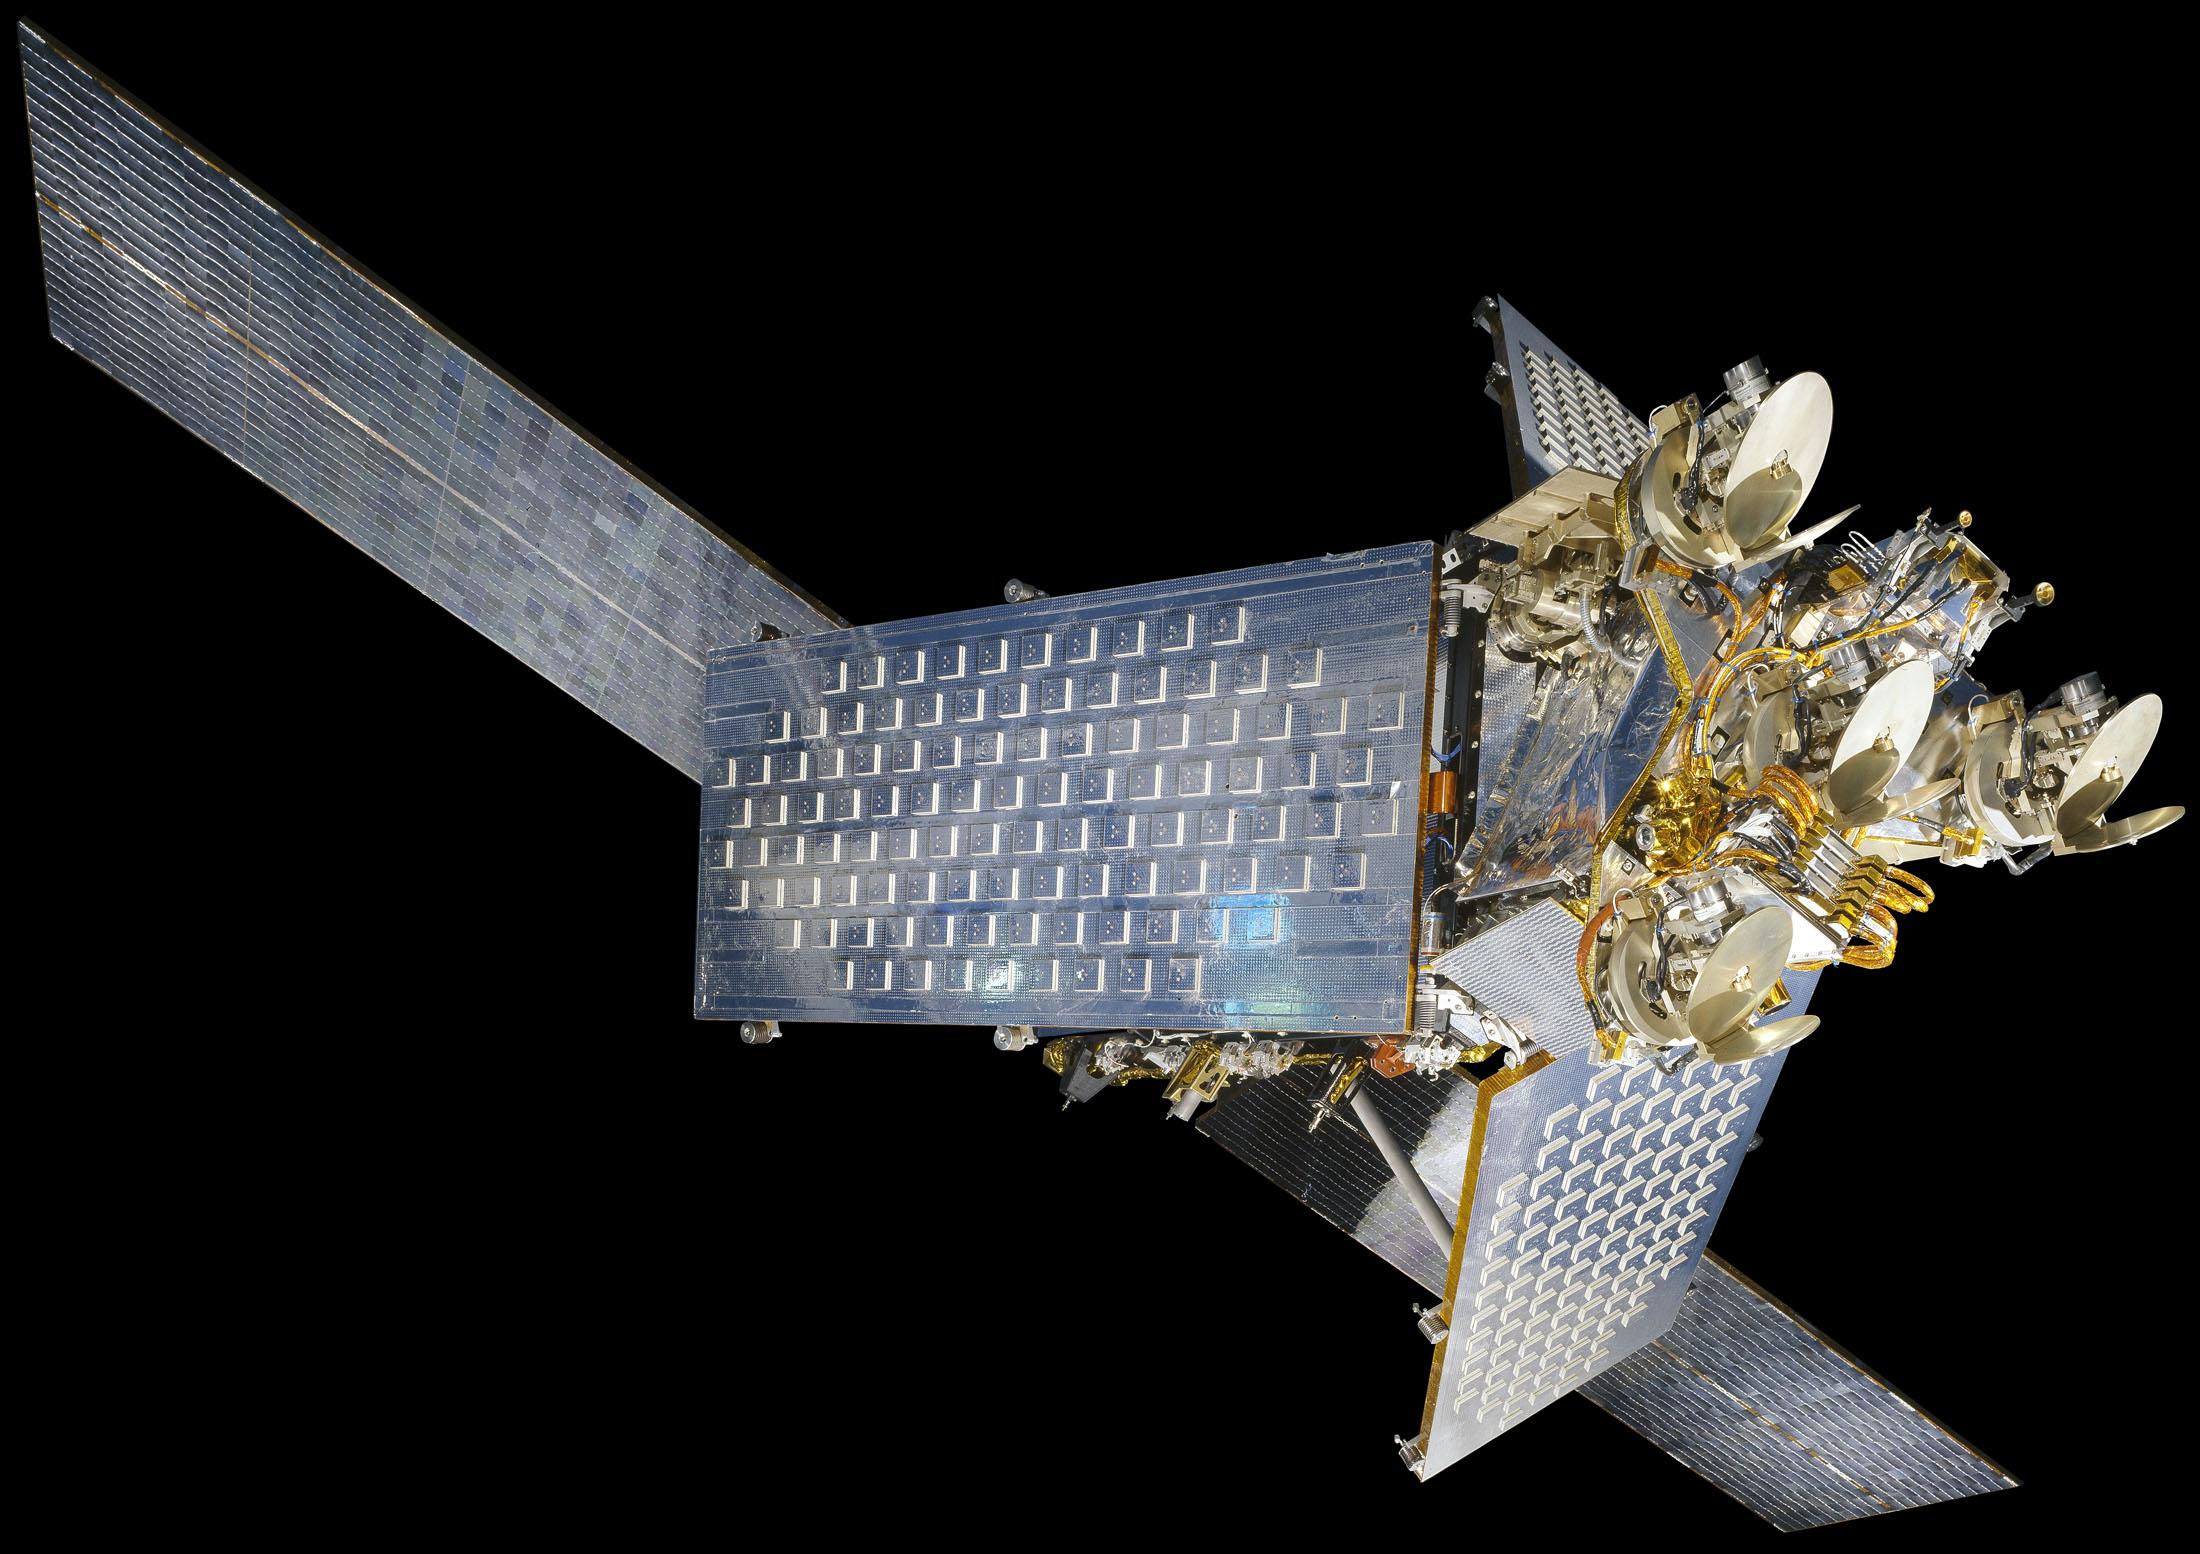 Motorola Satellite for Iridium